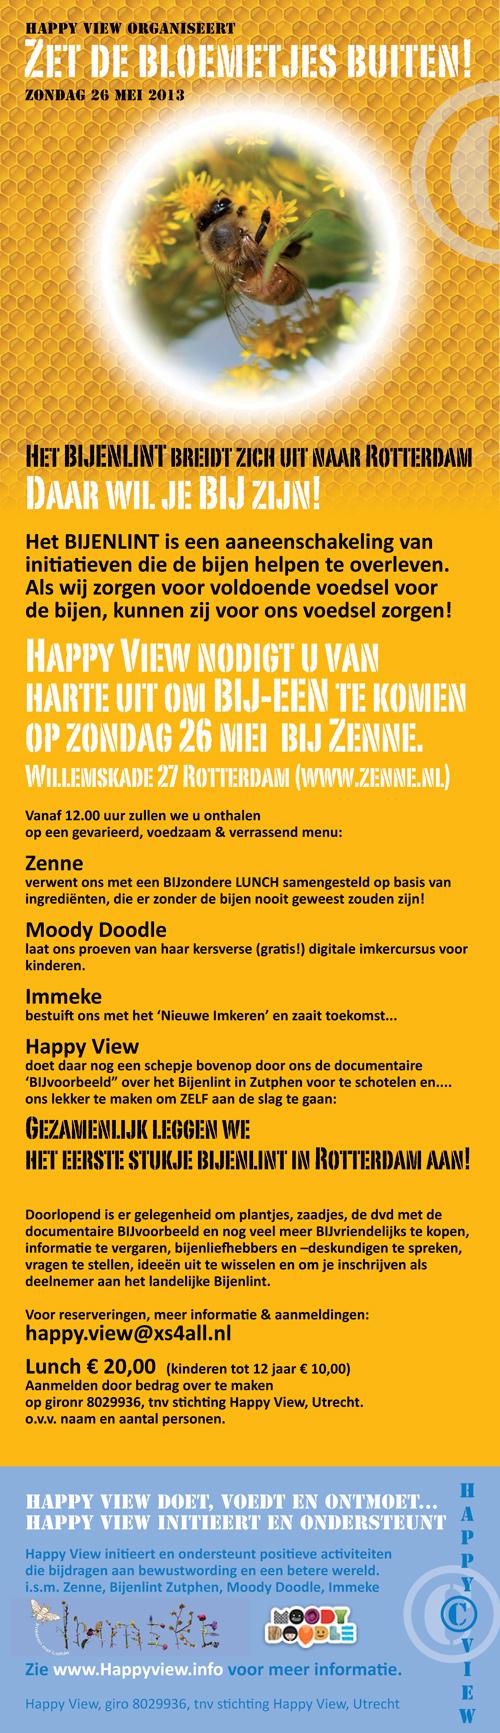 HappyView_Zet-de-bloemetjes-buiten!_zo-26-mei-2013